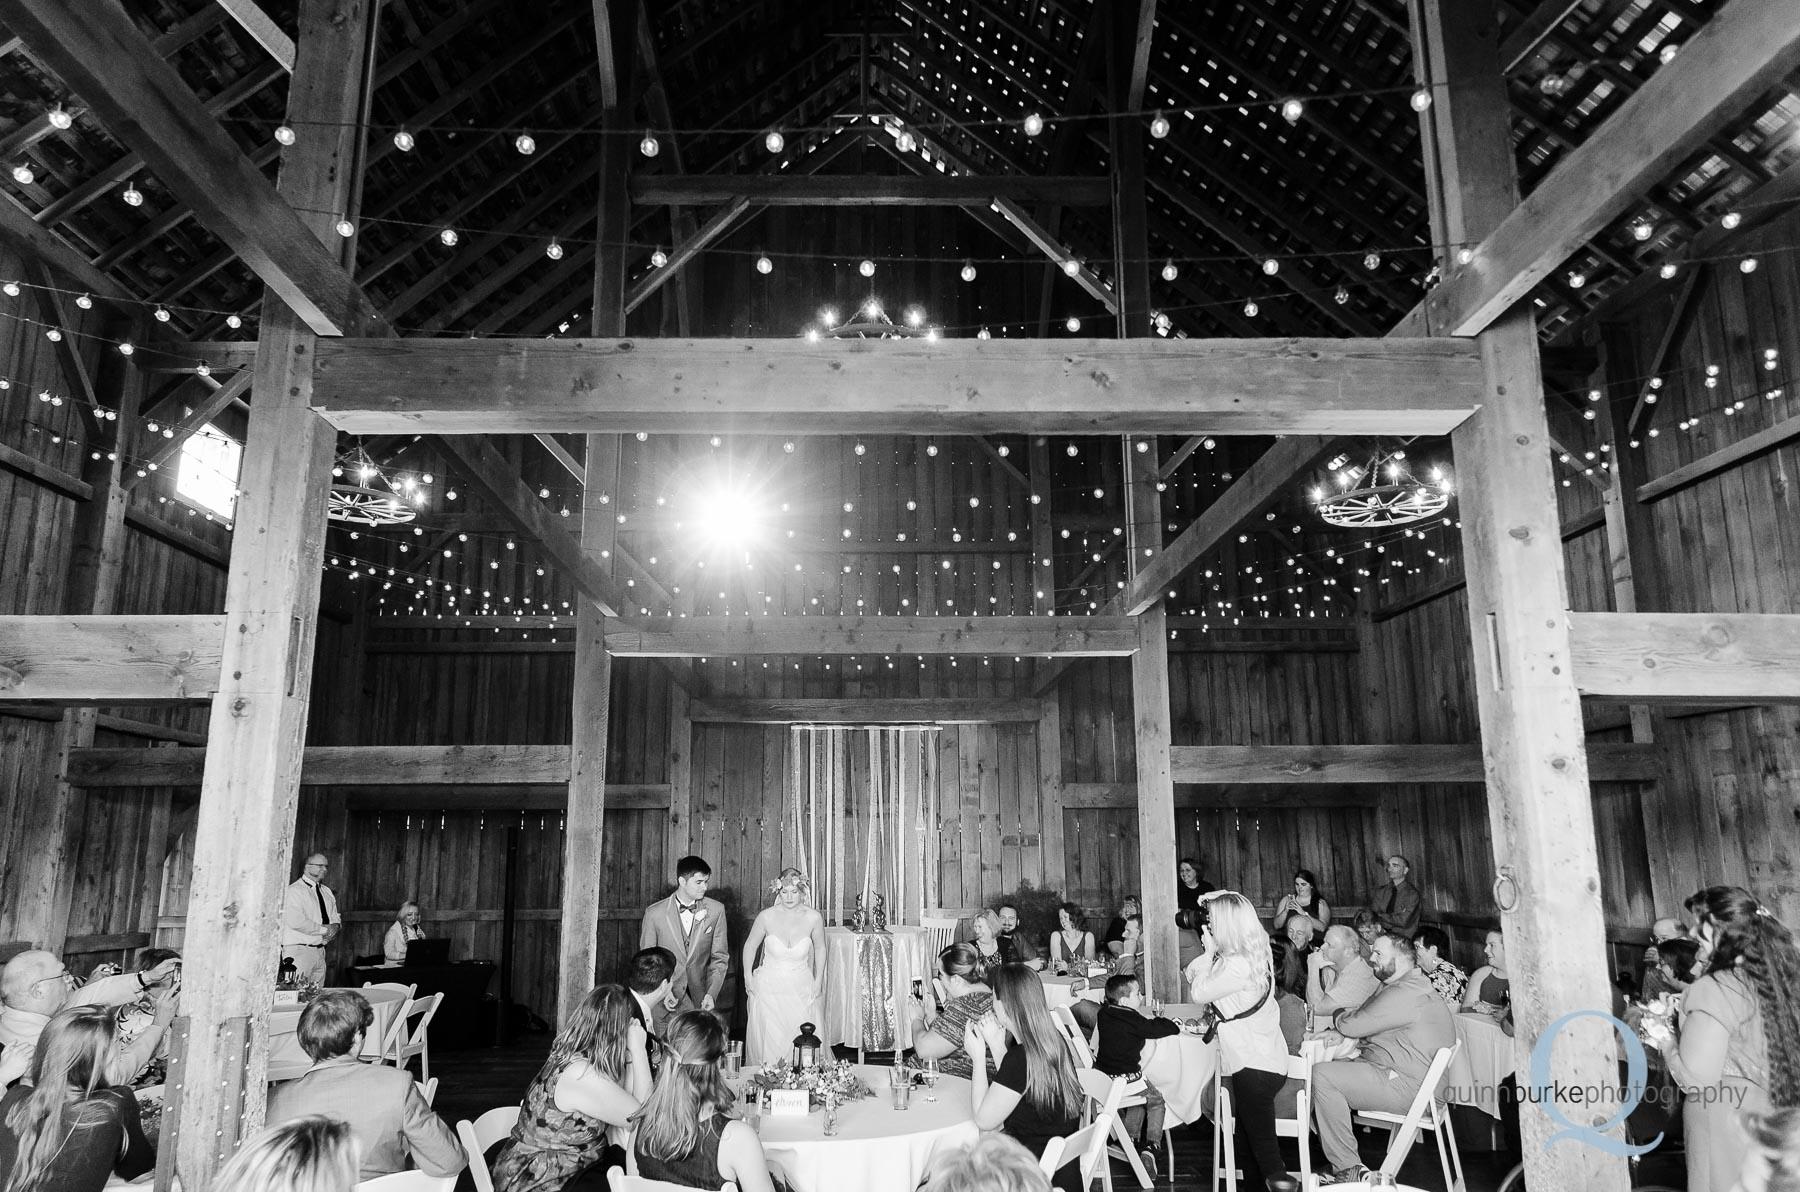 Perryhill Farm barn wedding reception in Oregon